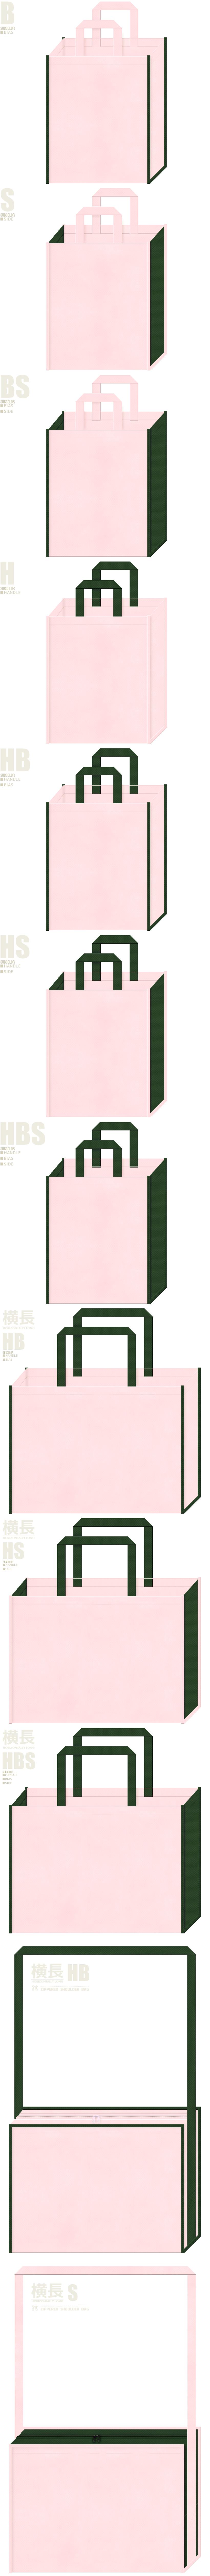 学校・オープンキャンパス・桜の木のイメージにお奨めの不織布バッグデザイン:桜色と濃緑色の配色7パターン。